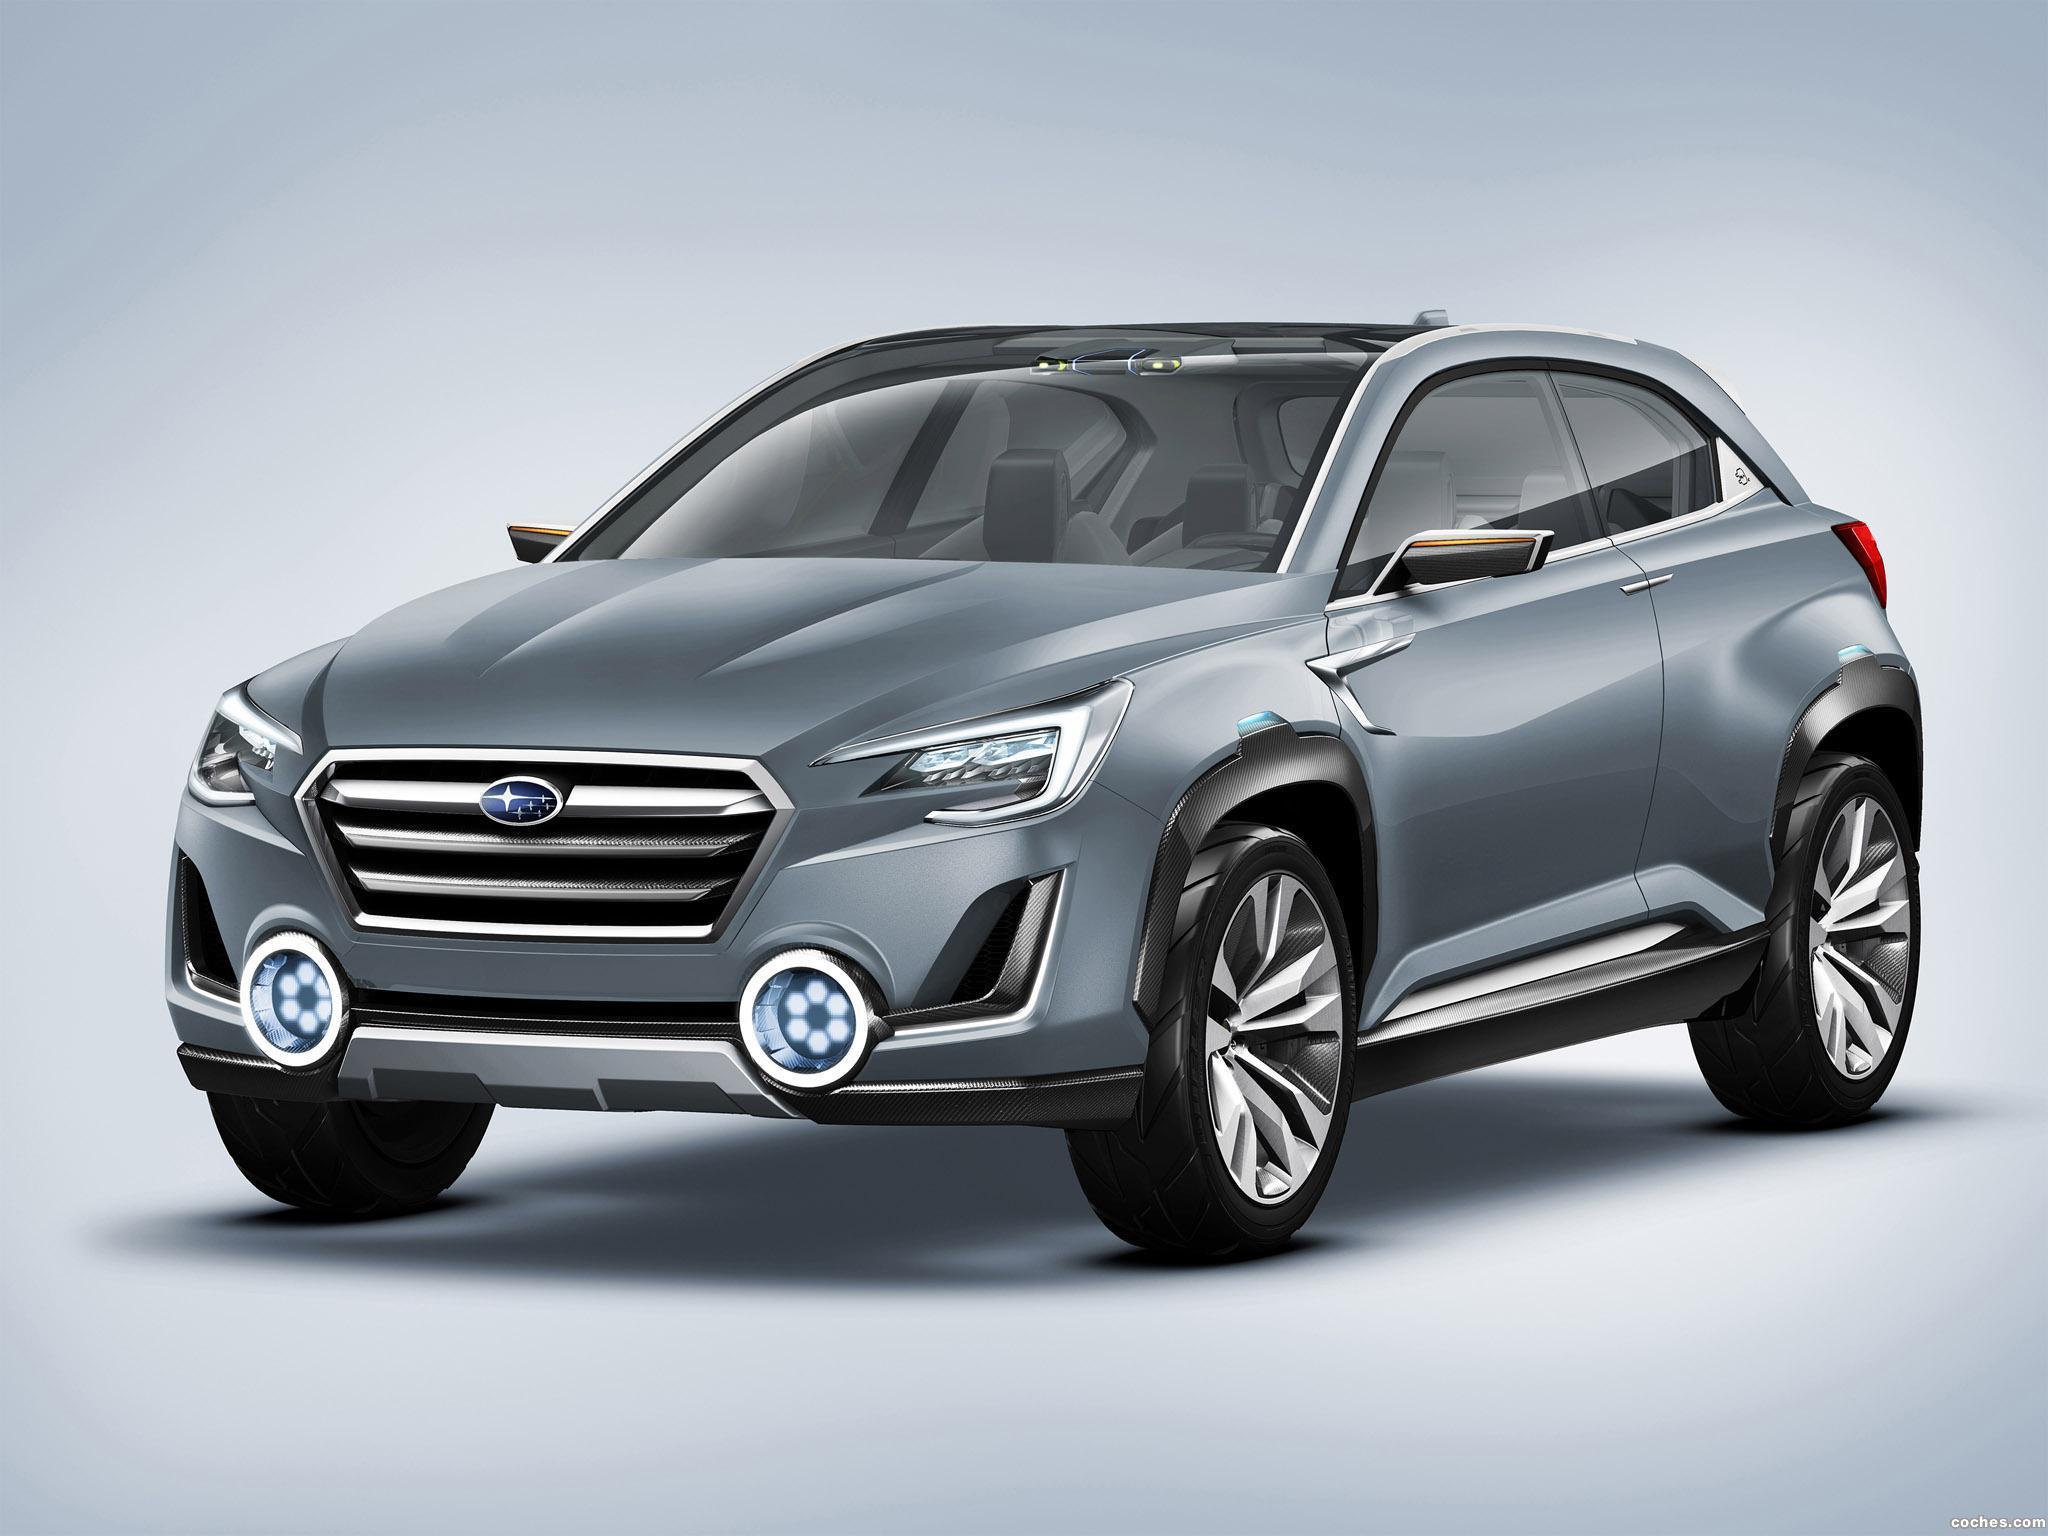 Foto 8 de Subaru Viziv 2 Concept 2014